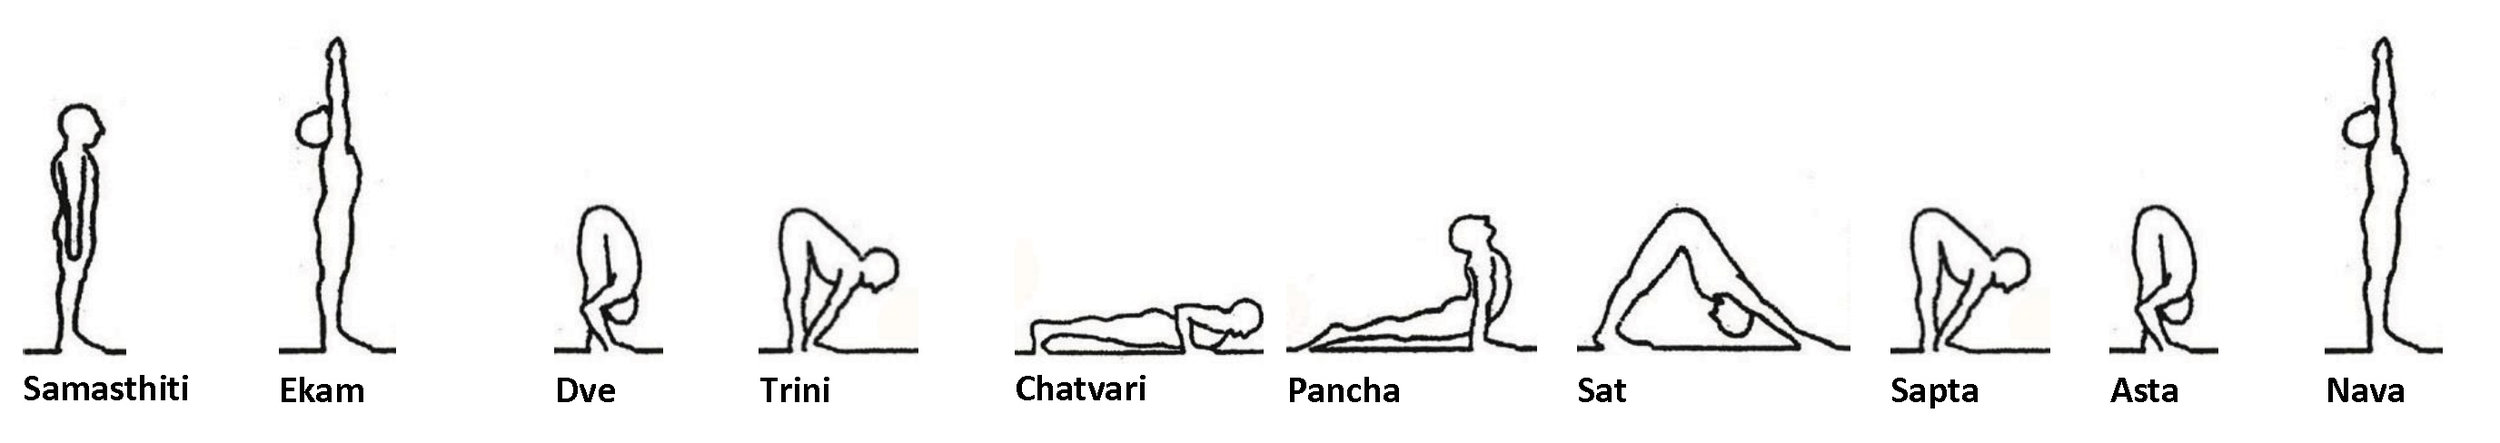 surya-namaskara.jpg